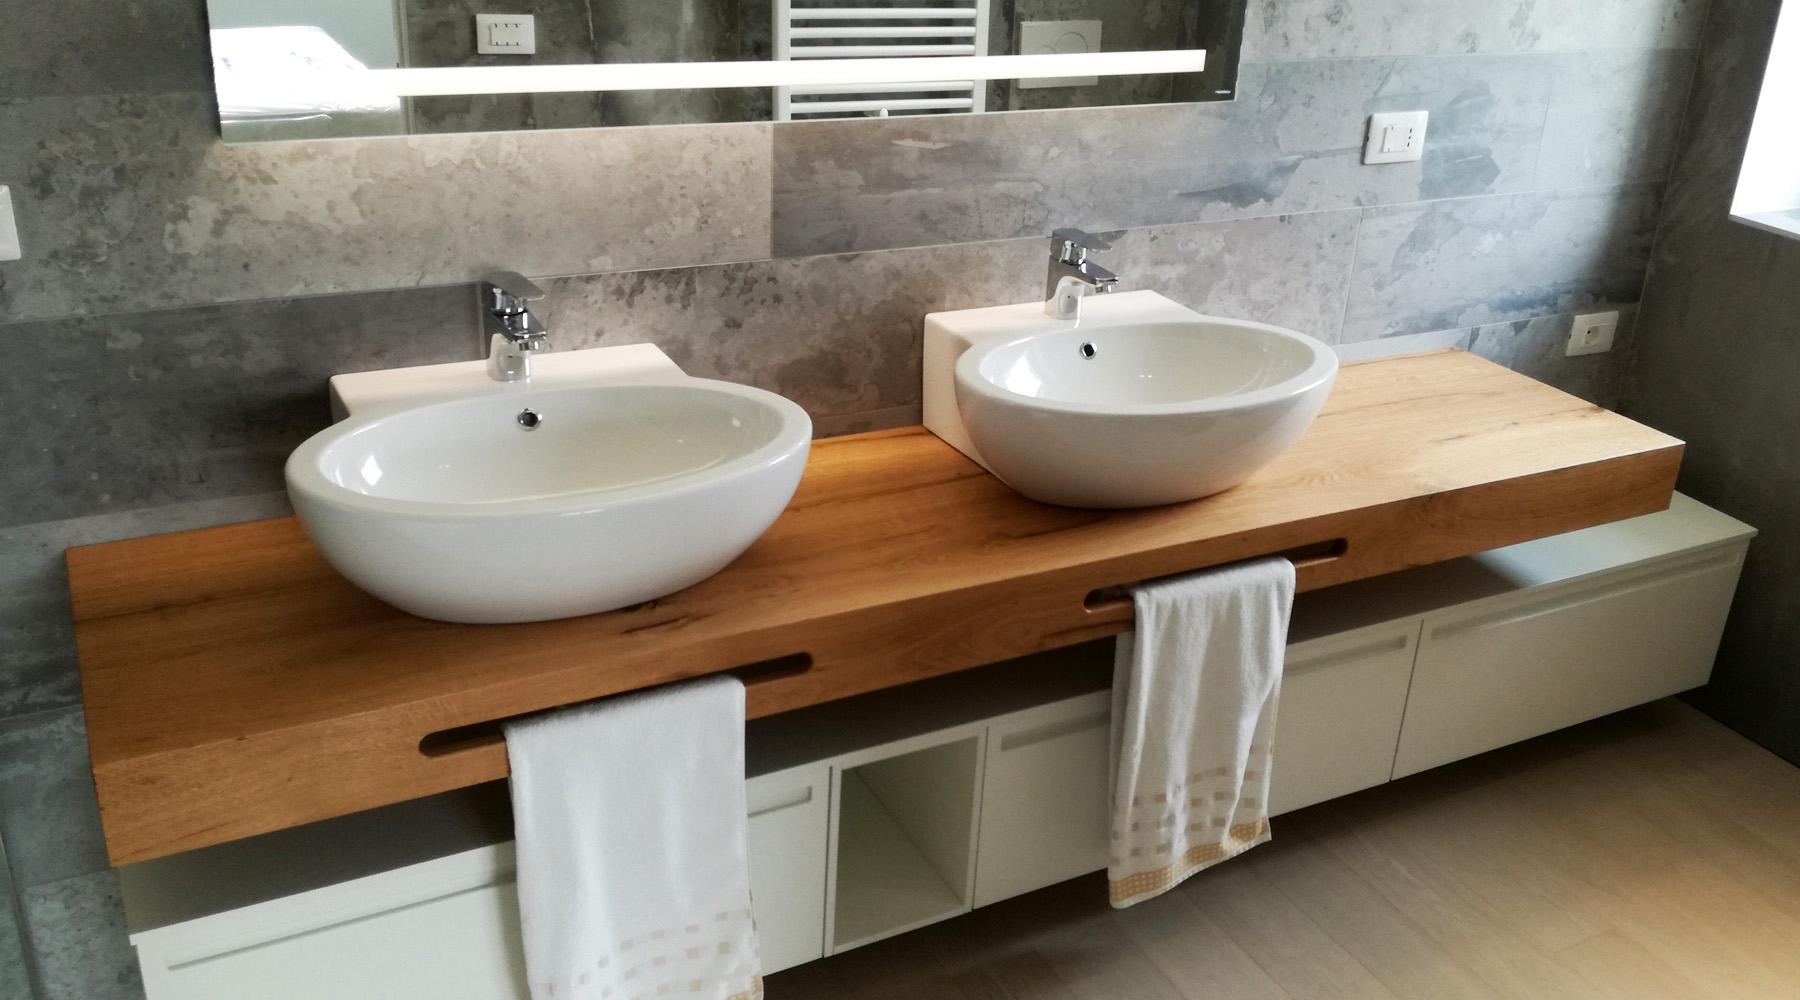 Mobile bagno doppio lavabo con mensola in legno - Mobile bagno con doppio lavabo ...